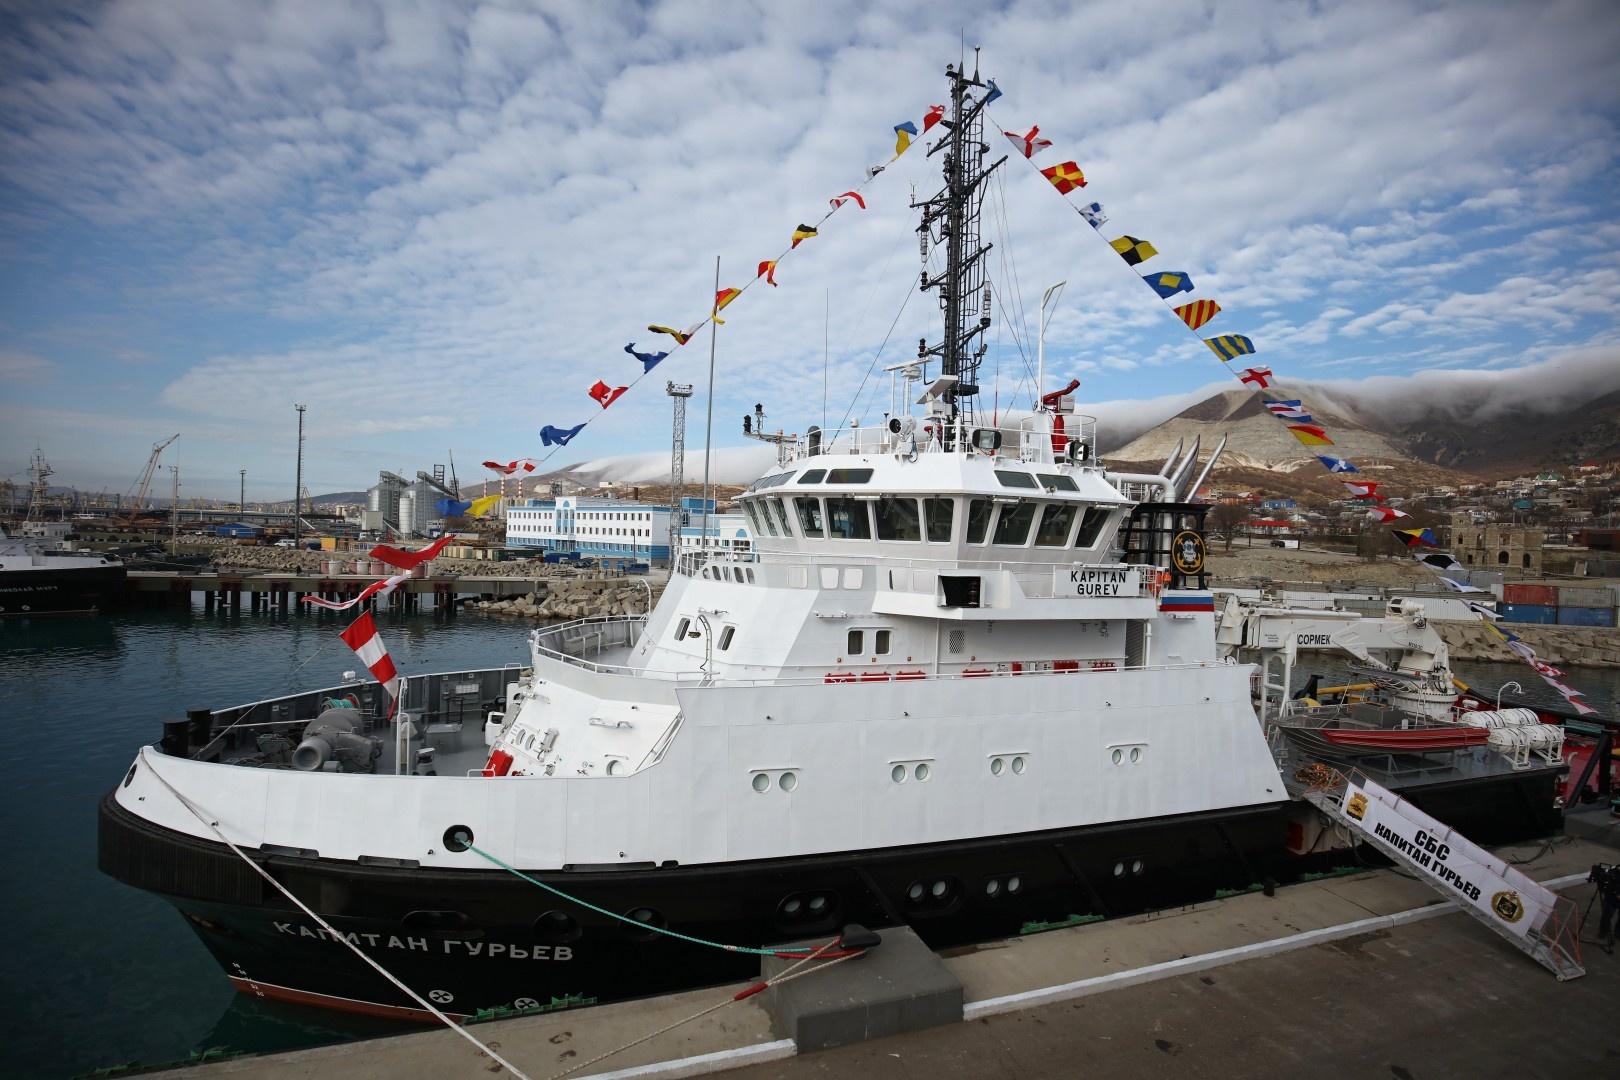 Введено в строй спасательно-буксирное судно «Капитан Гурьев» проекта 22870